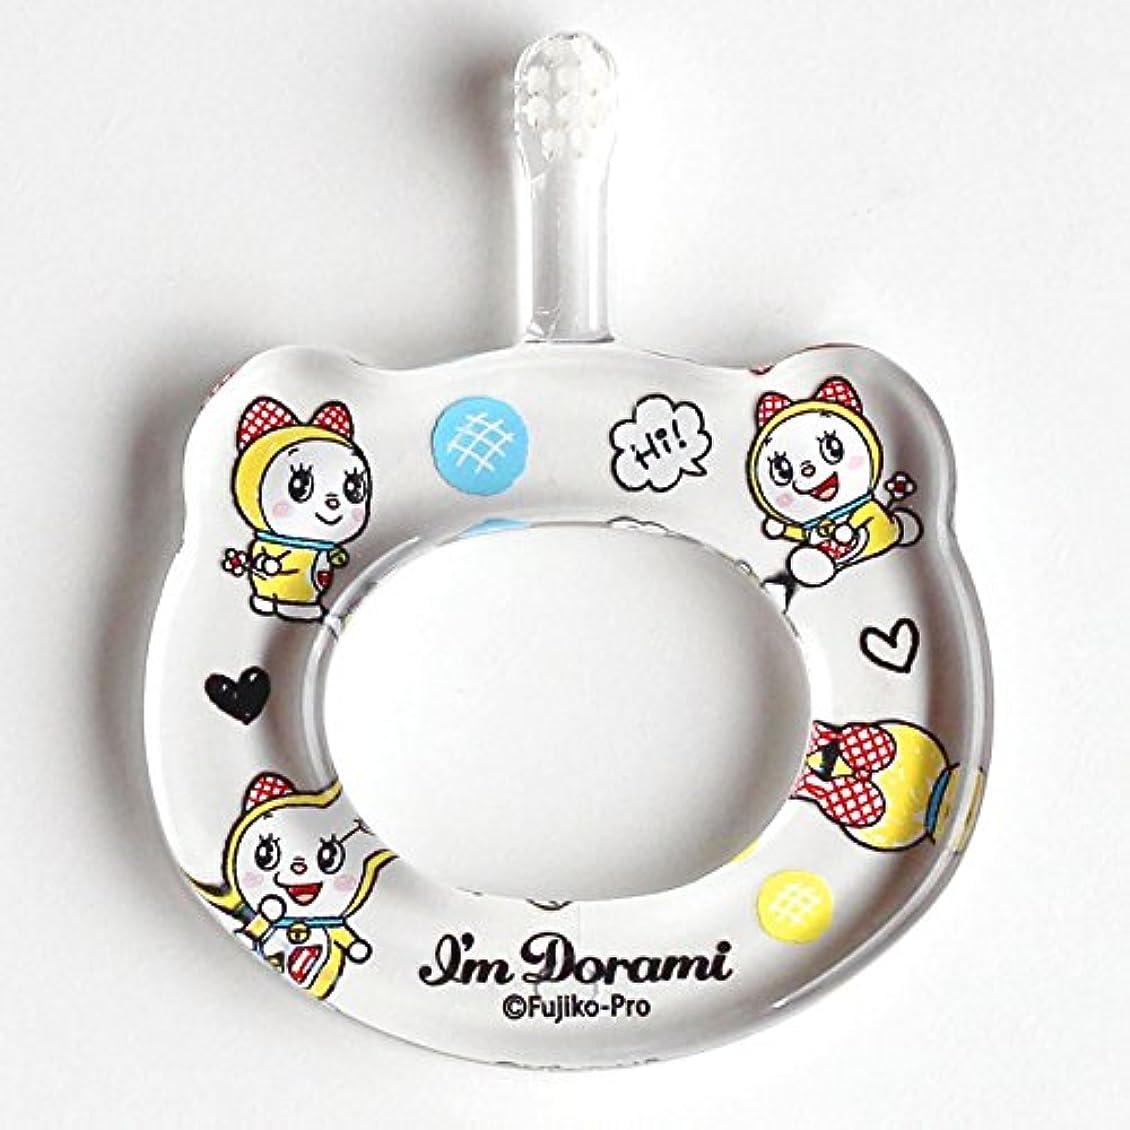 白雪姫コーチより良いHAMICO ベビー歯ブラシ(キャラクター限定商品) ワンサイズ ドラミ